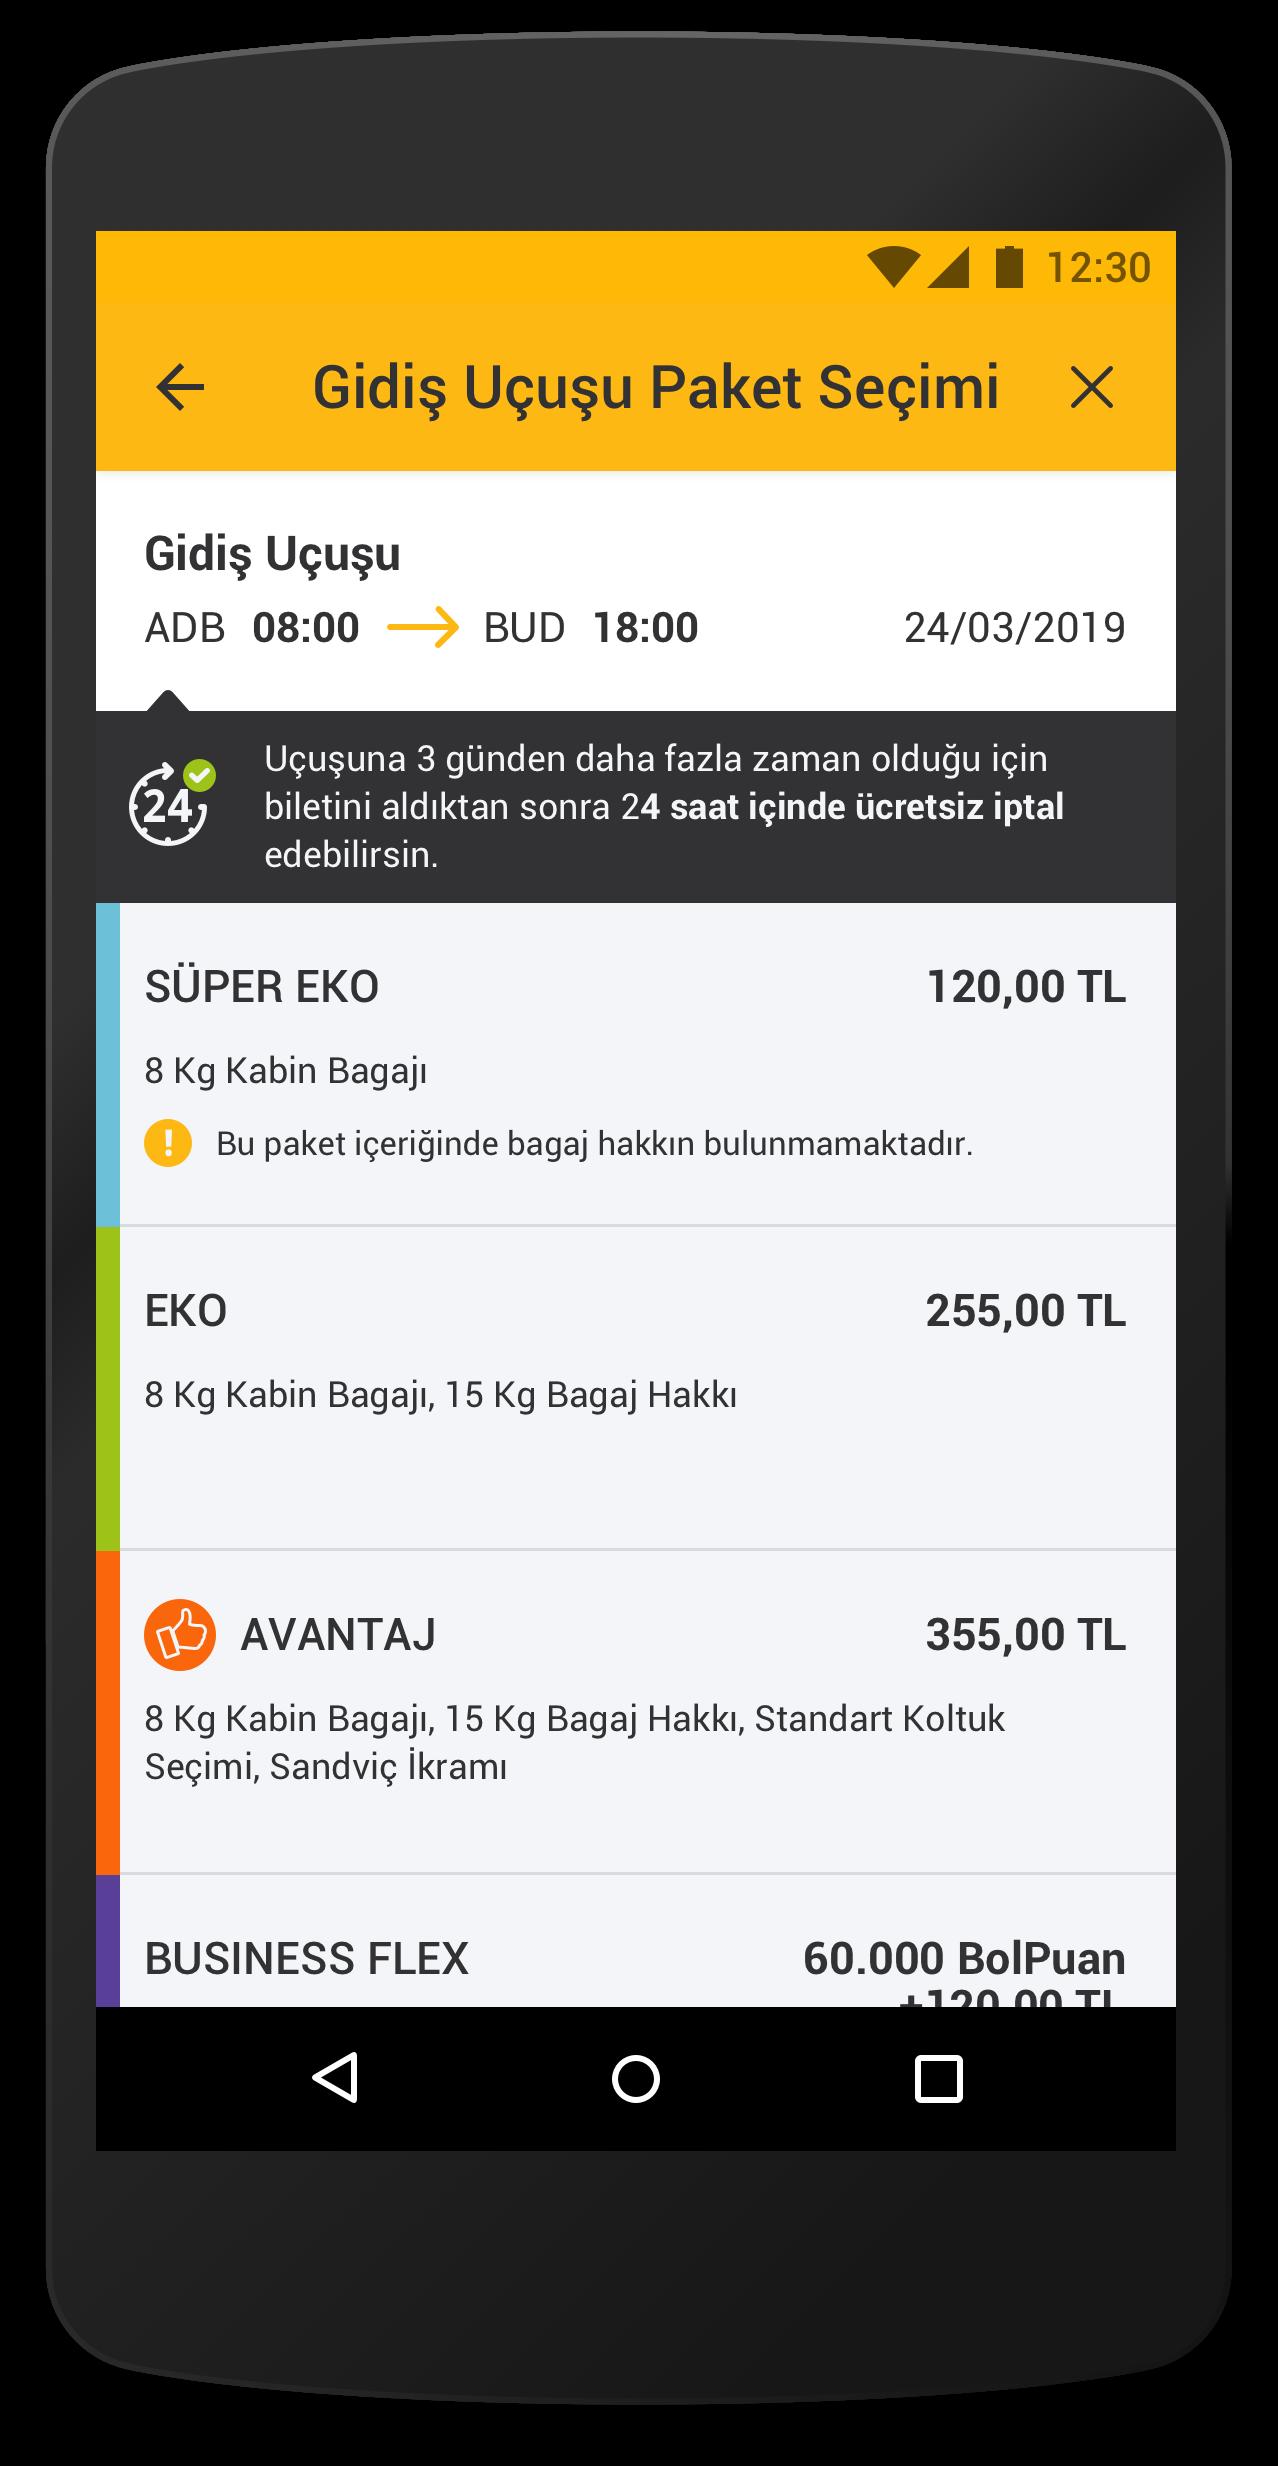 pegasus mobil app